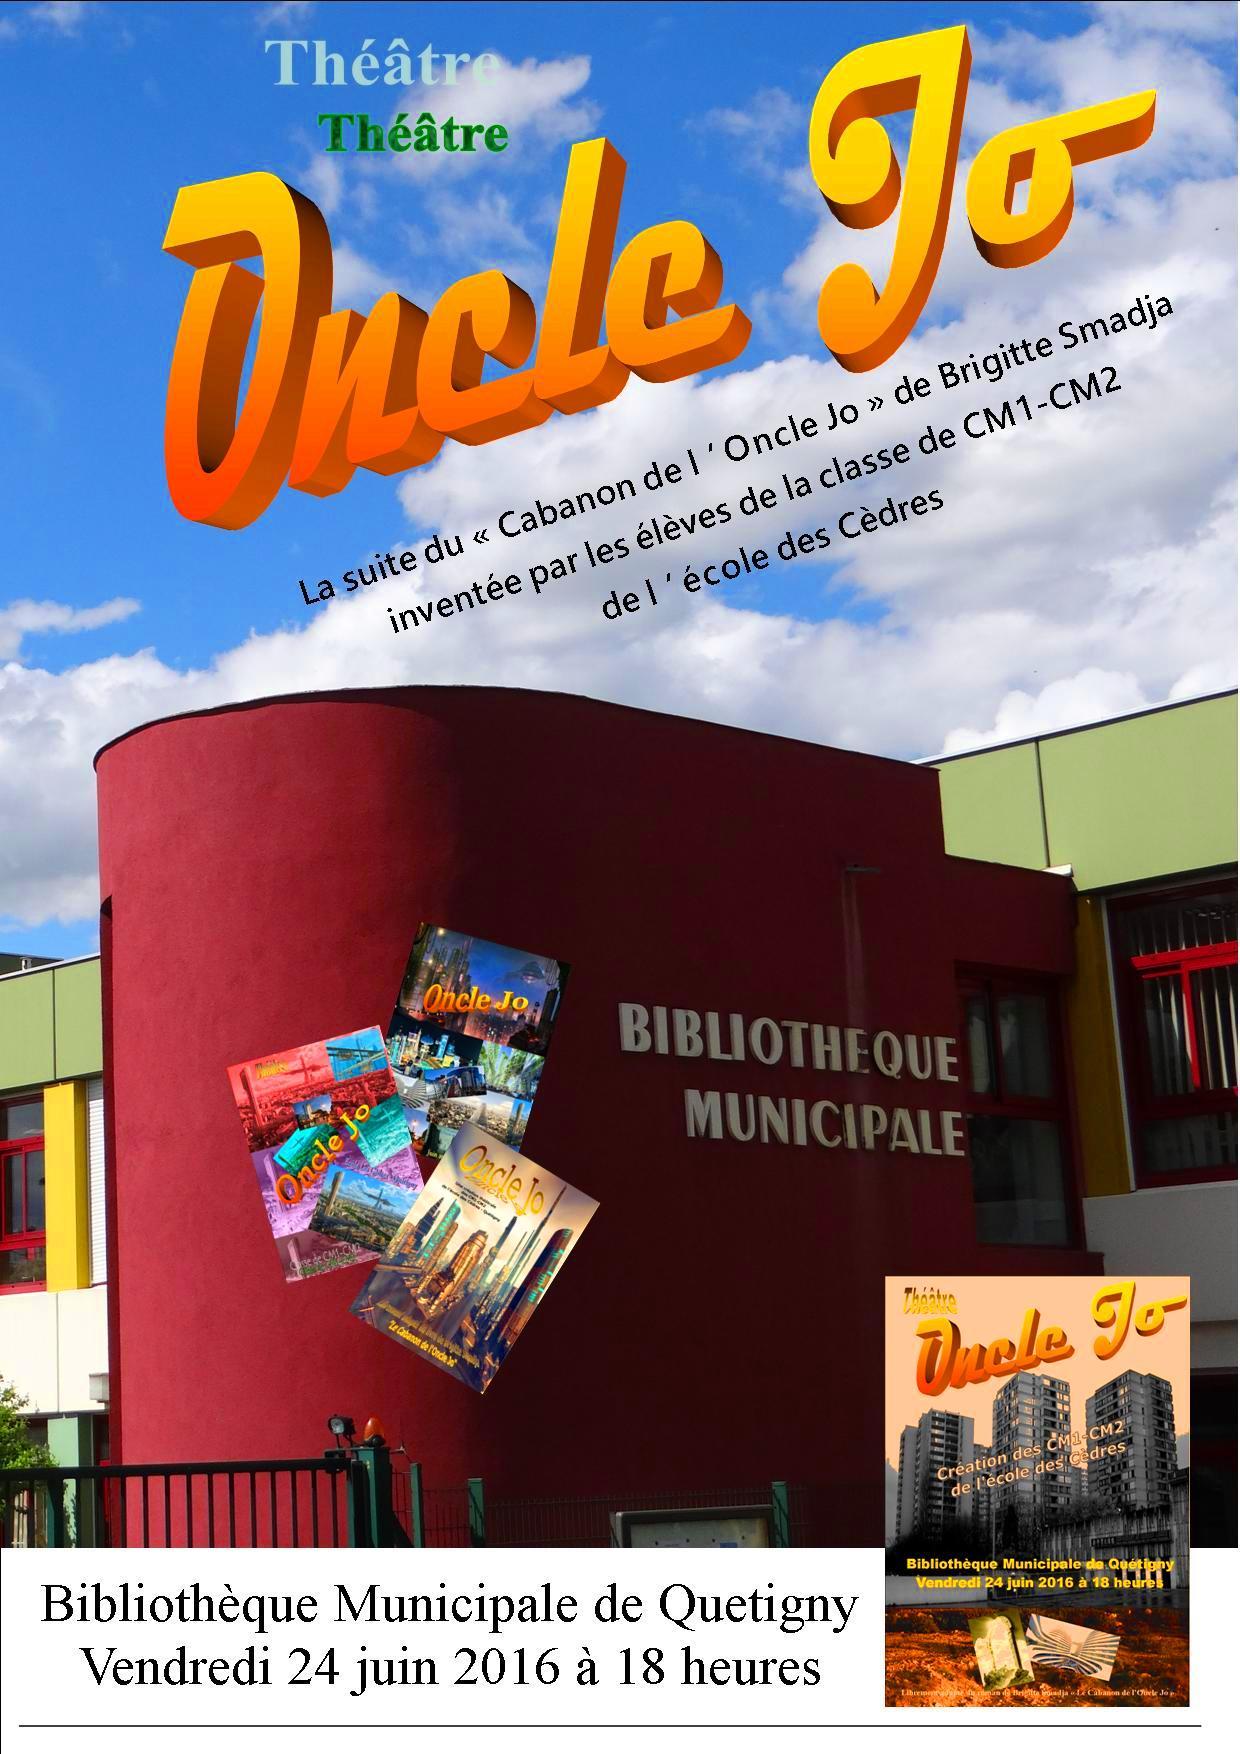 Oncle Jo _ Bibliothèque de Quetigny - 24-06-2016 04.jpg